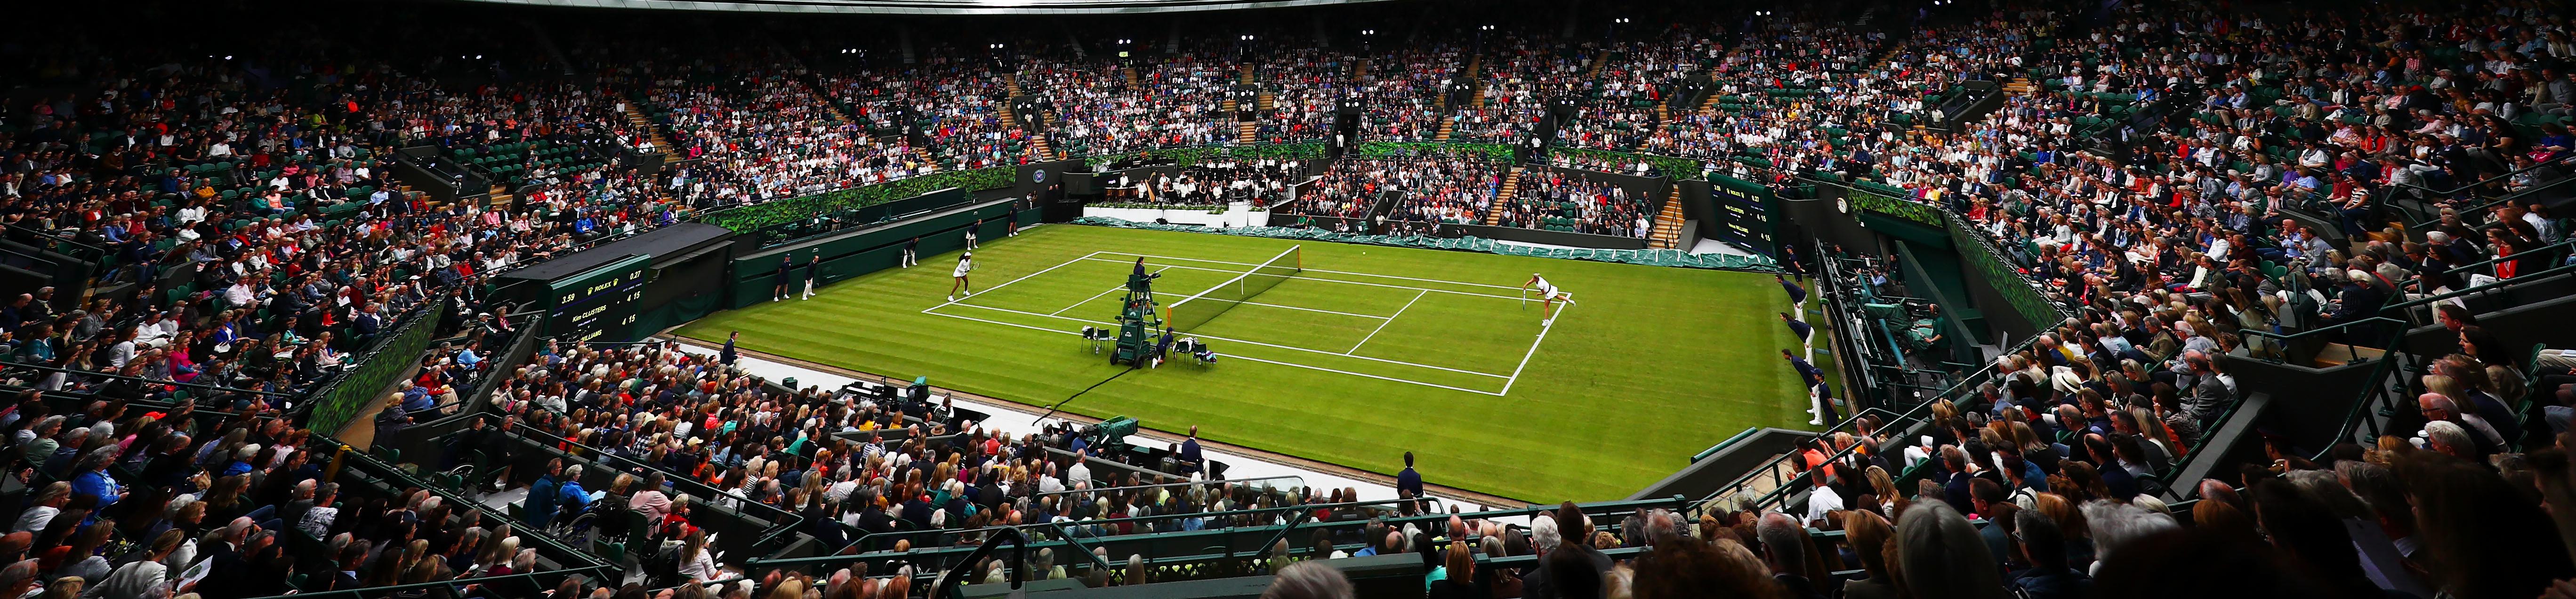 Wimbledon 2019: tutto quello che c'è da sapere sull'edizione più incerta degli ultimi anni